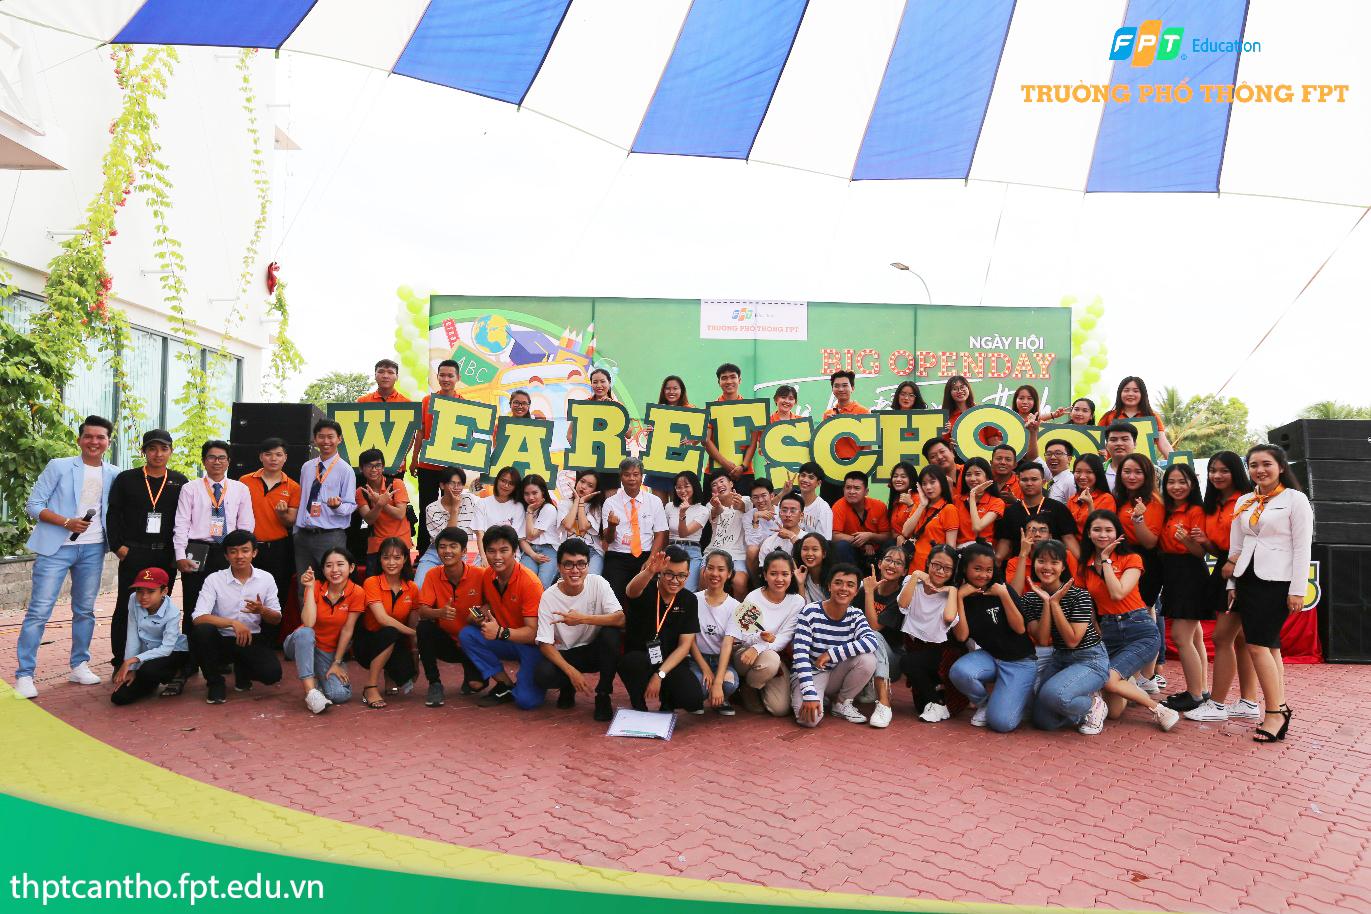 THPT FPT Cần Thơ tổ chức Big Open Day đầu tiên dành cho học sinh THCS tại khu vực Đồng bằng sông Cửu Long